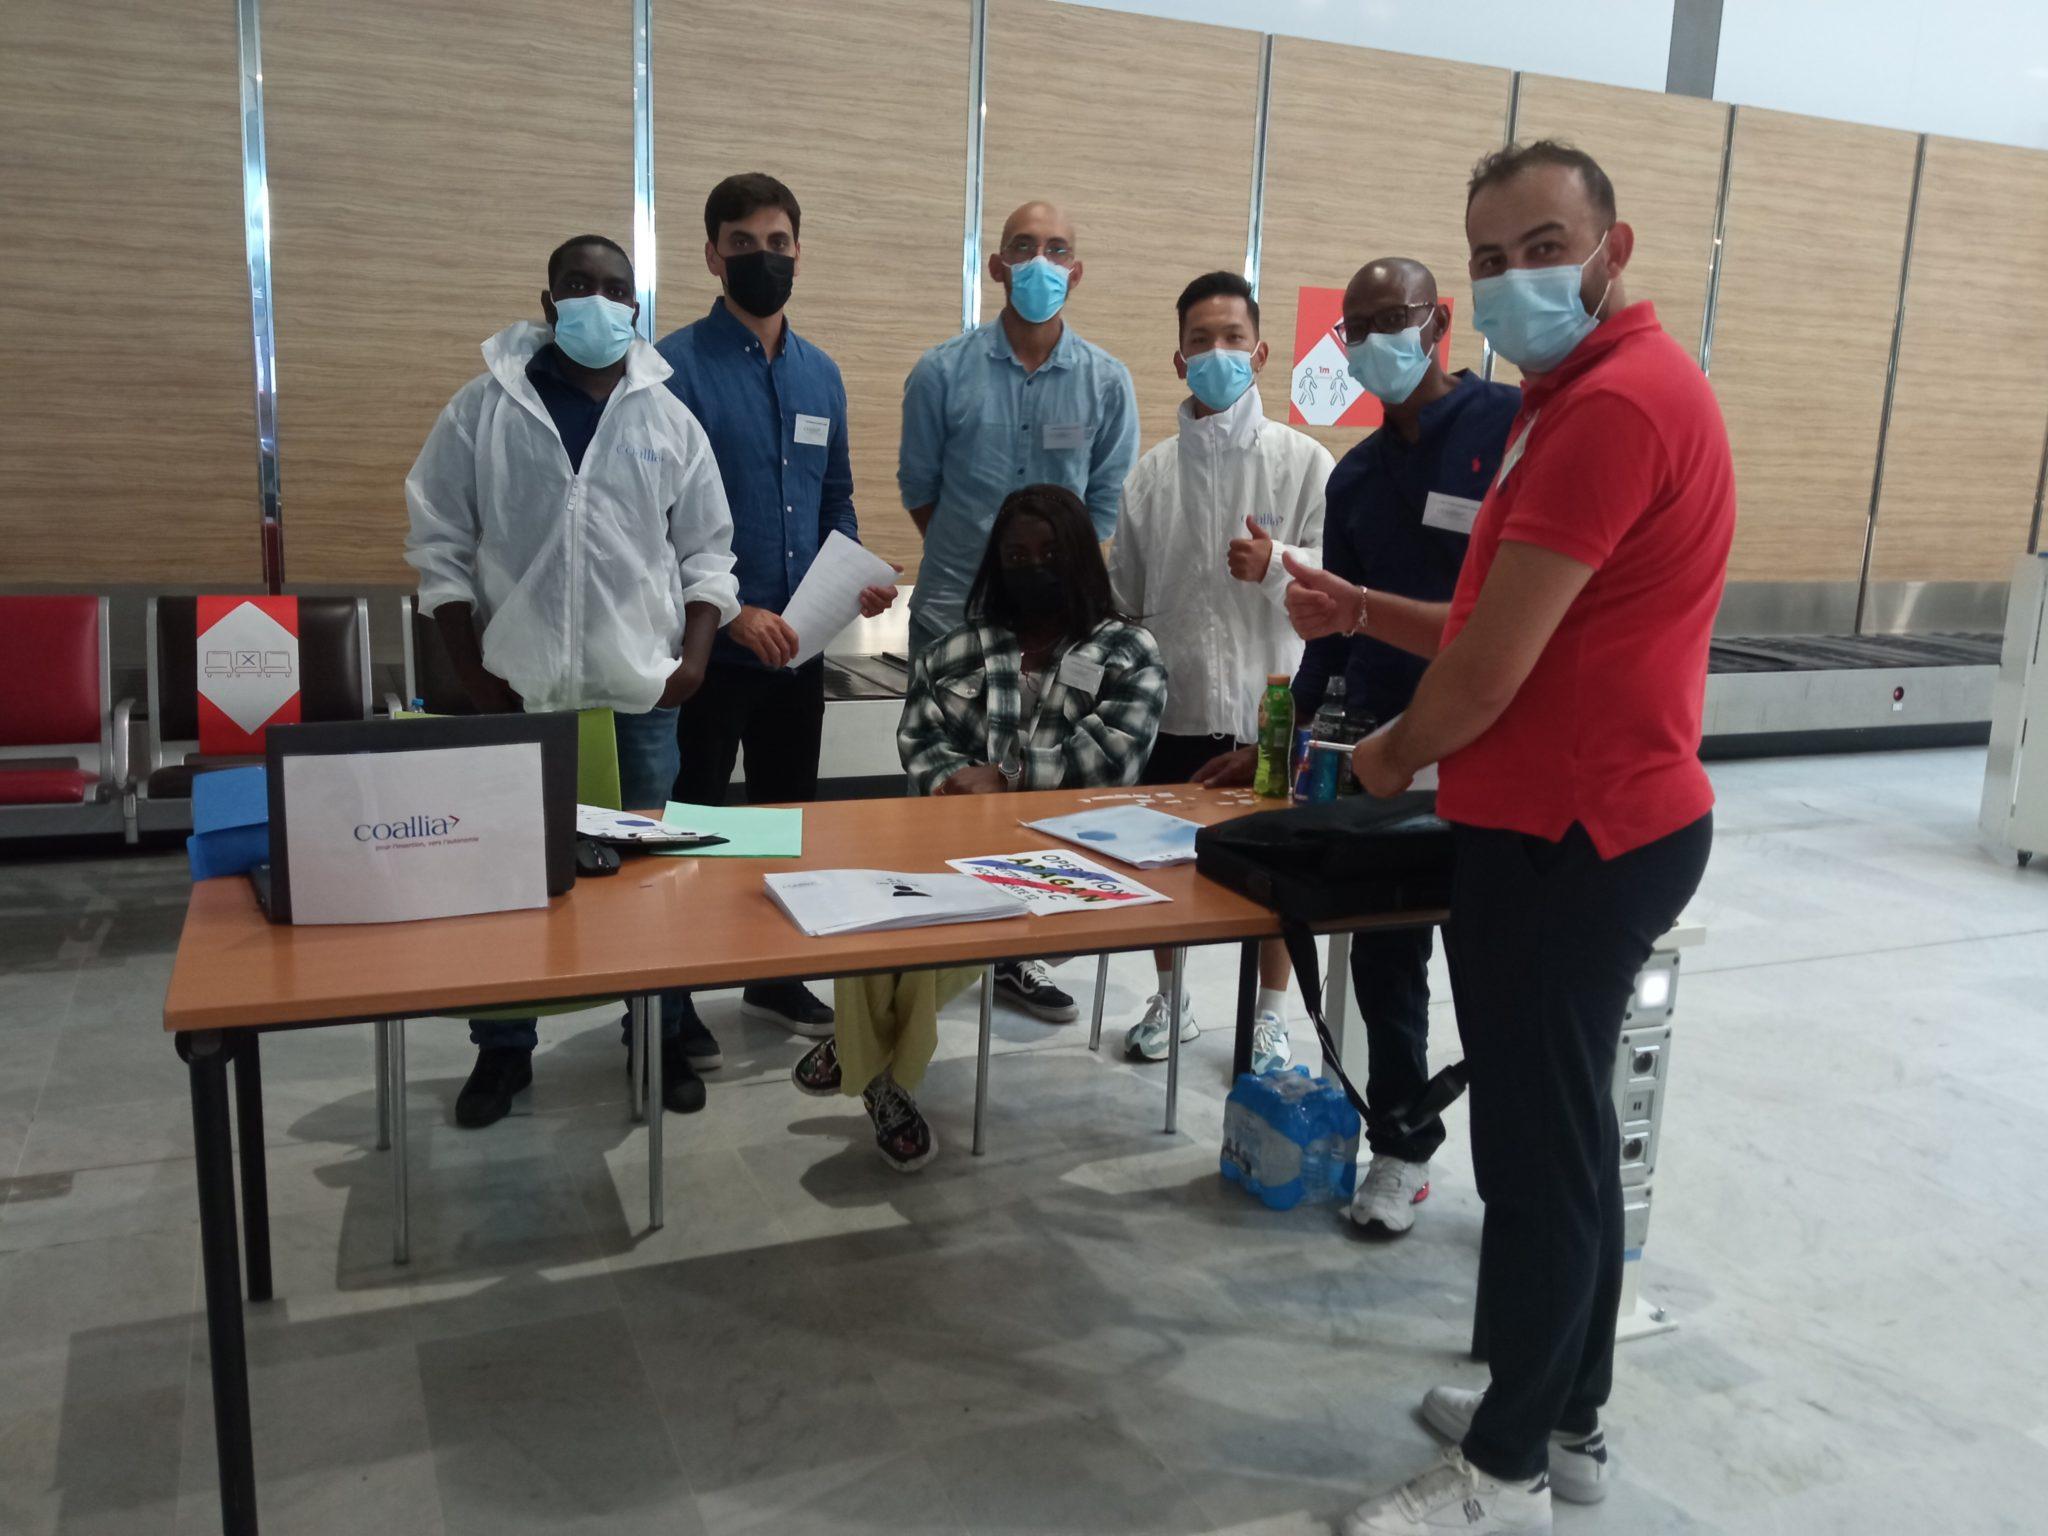 Les salariés Coallia à l'aéroport Paris-CDG, prêts à accueillir les ressortissants afghans